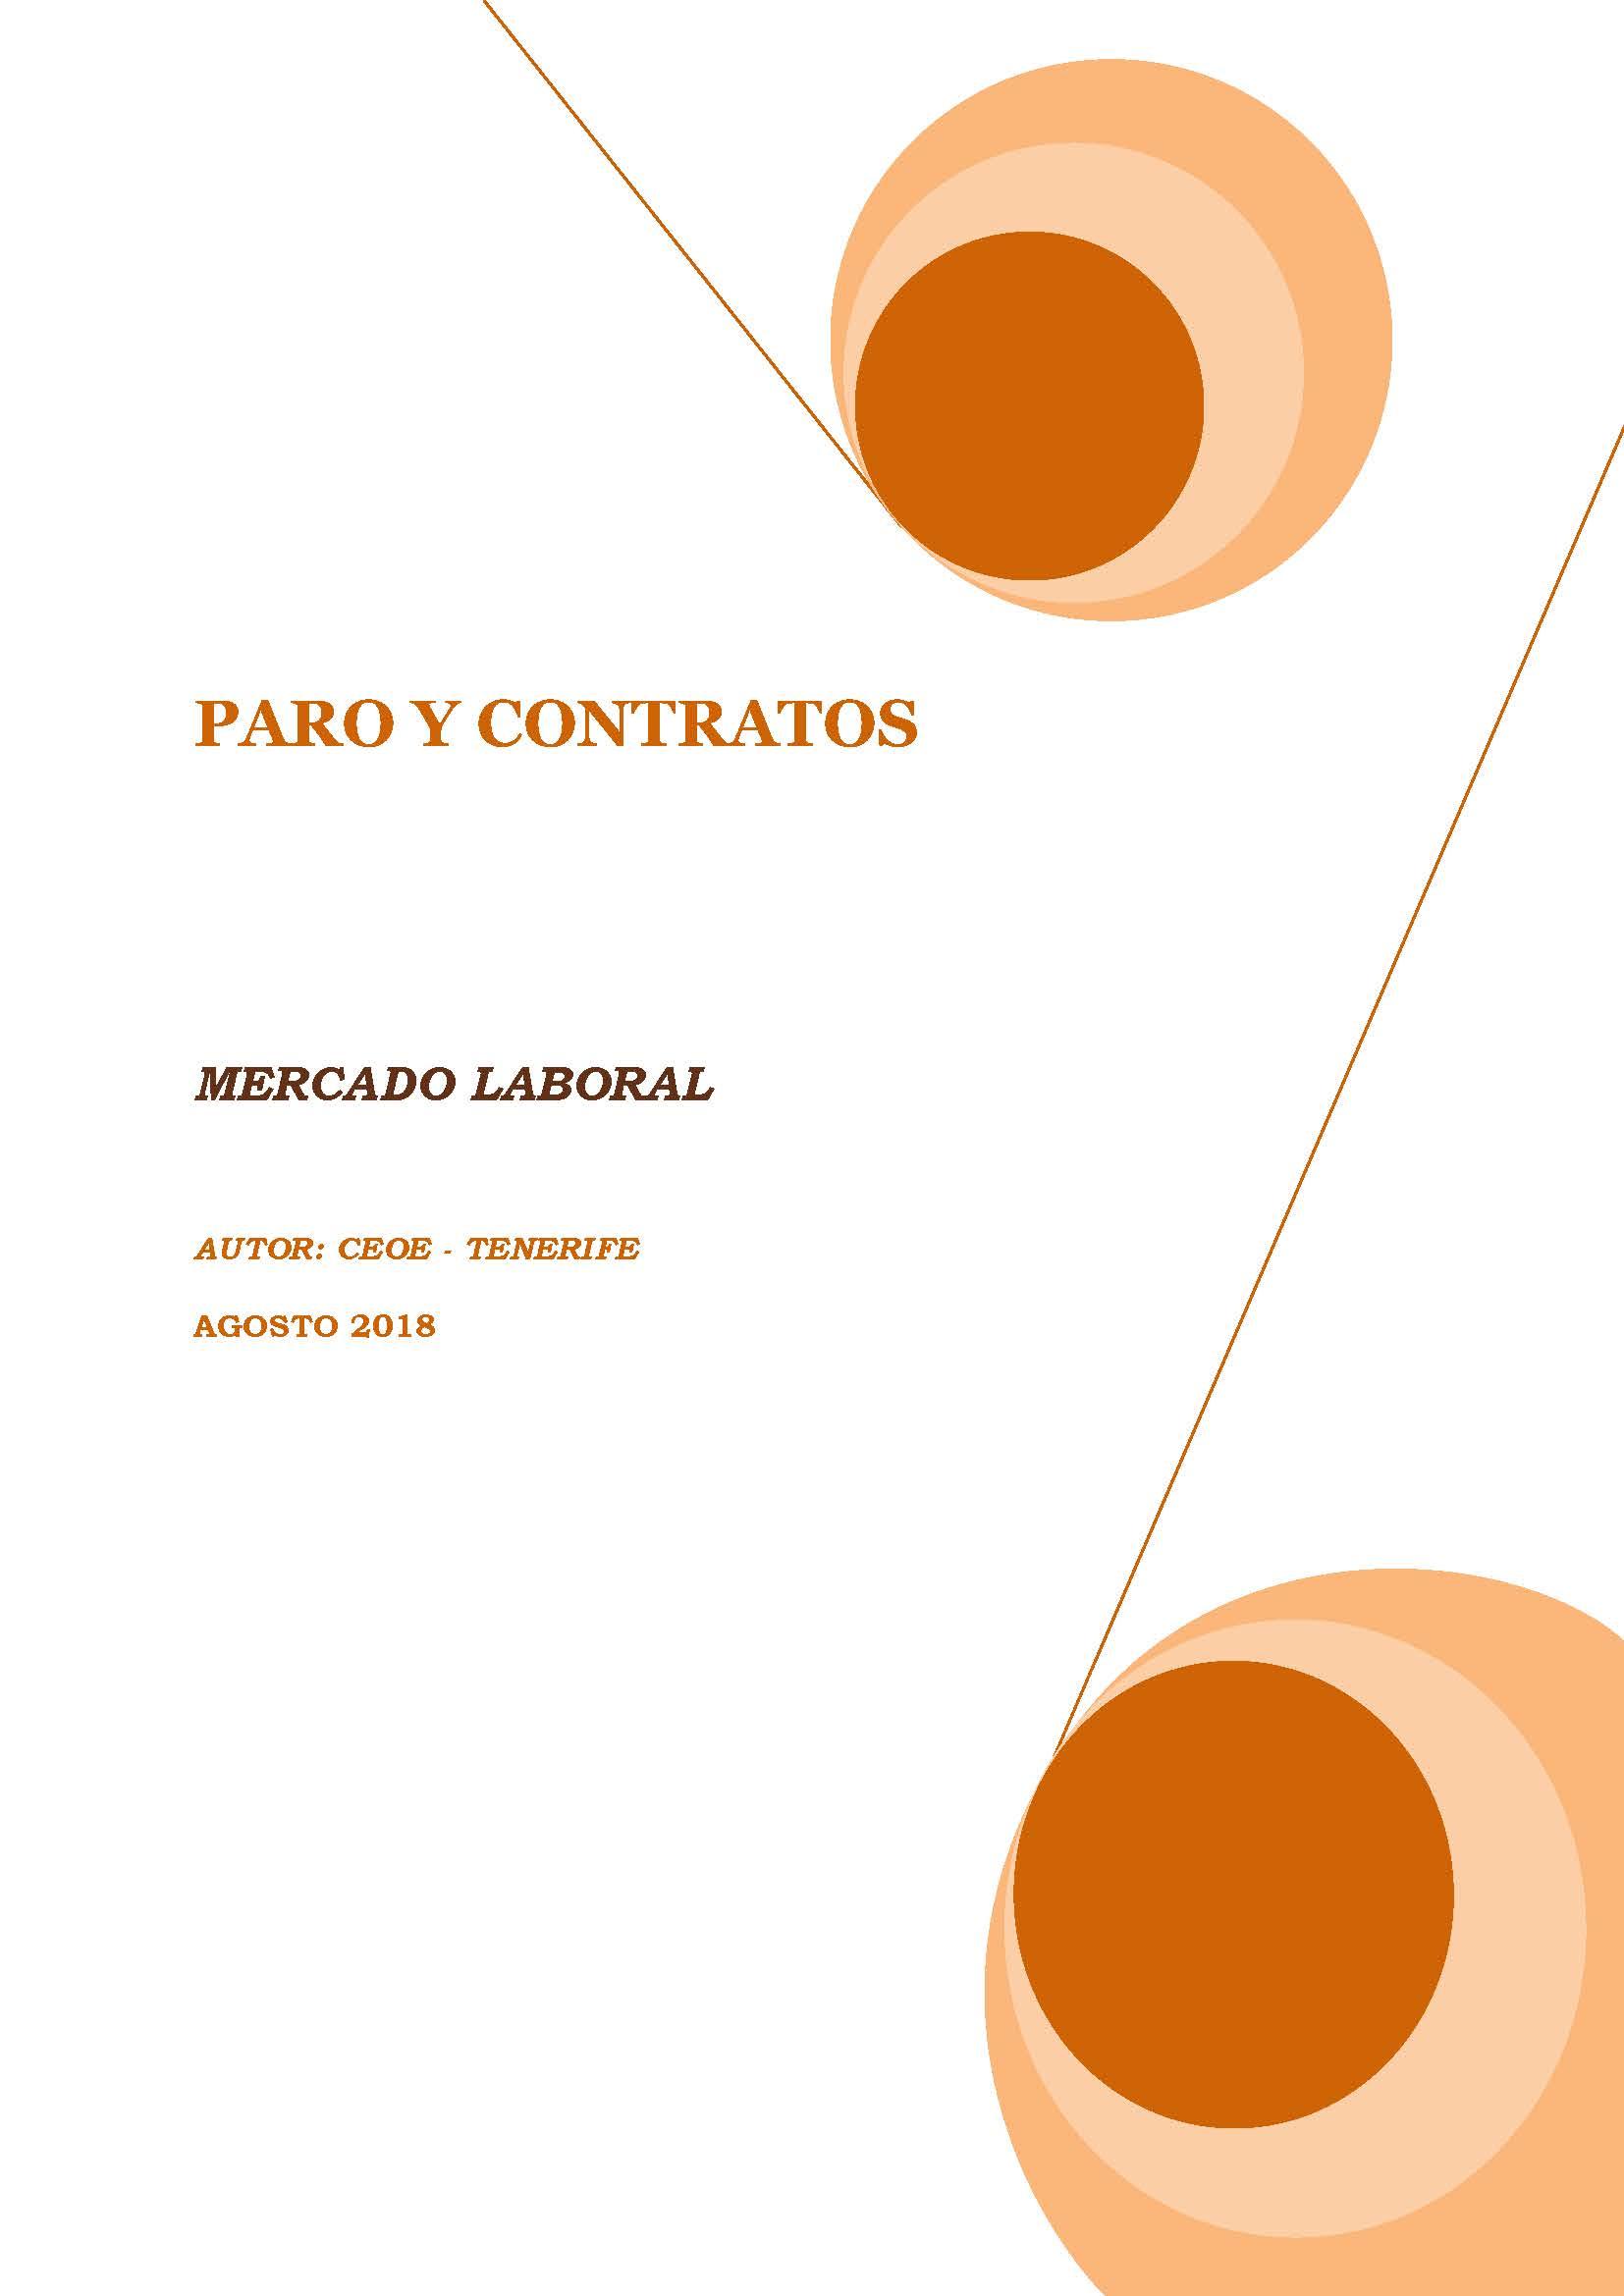 MERCADO LABORAL - PARO Y CONTRATOS AGOSTO 2018